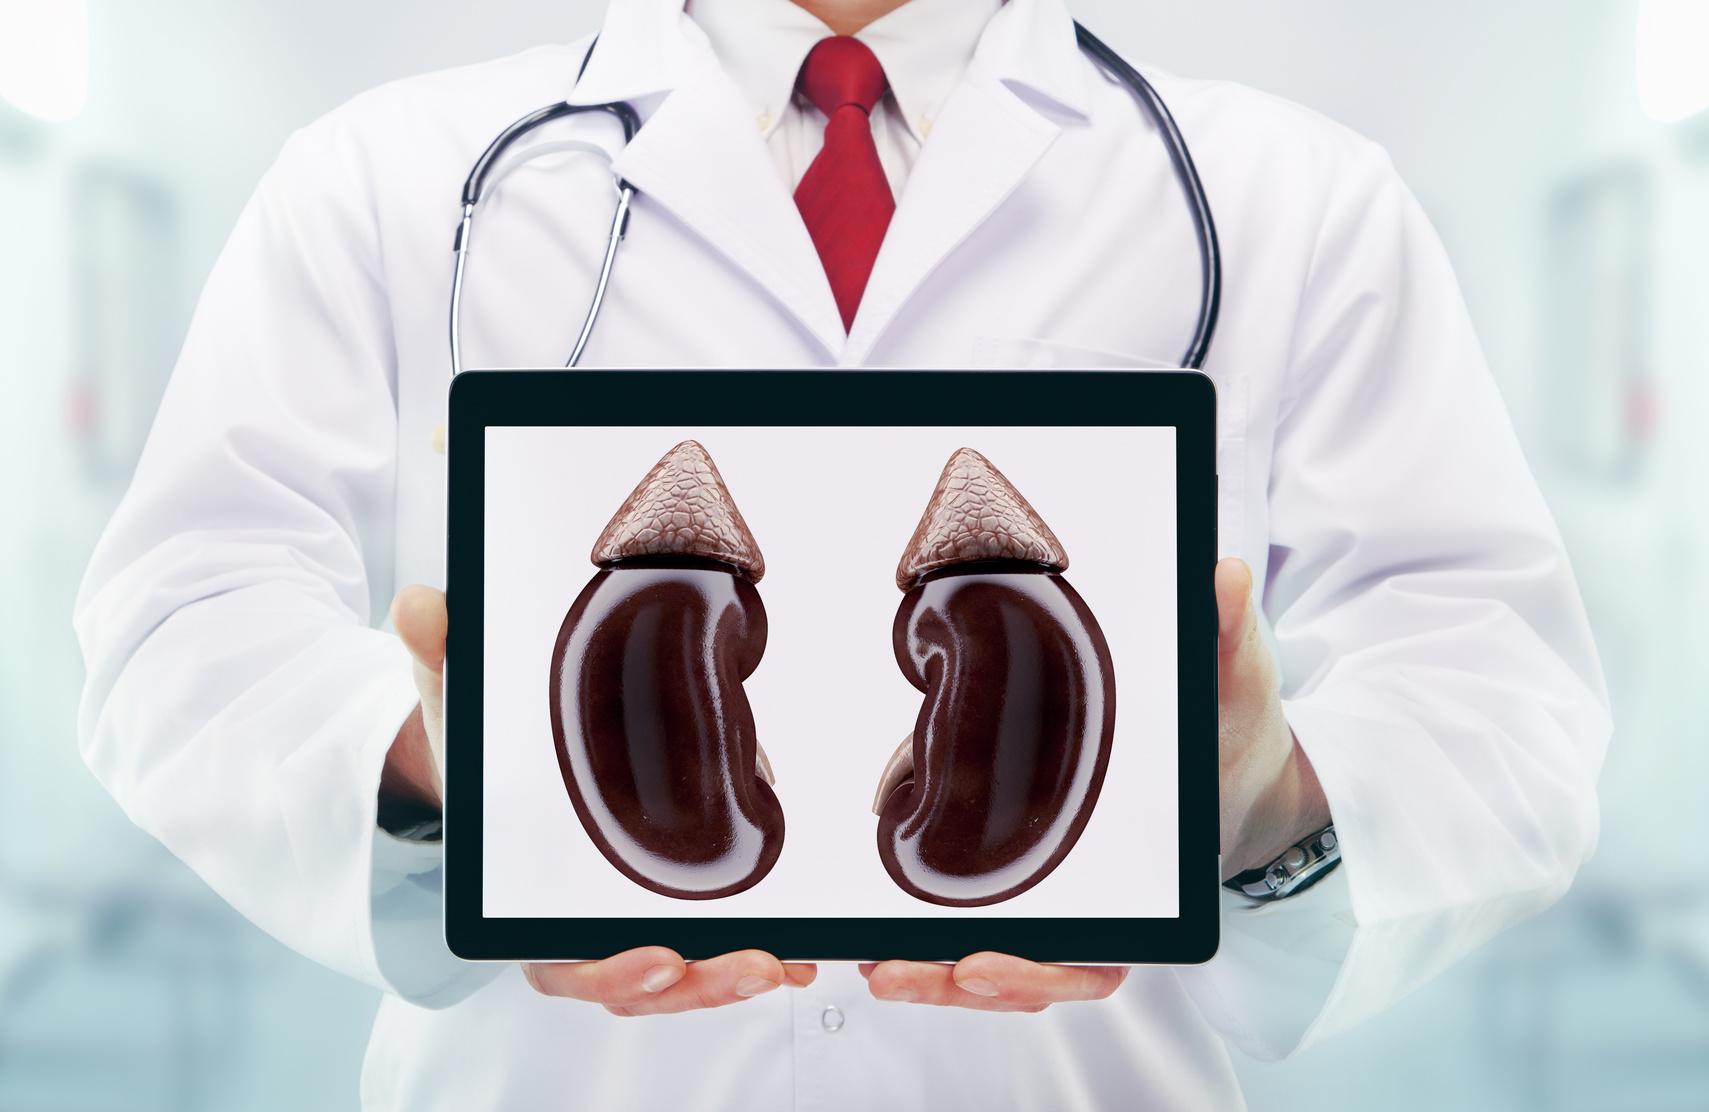 副腎がんの手術数の多い病院・名医では再発率が1/3に!